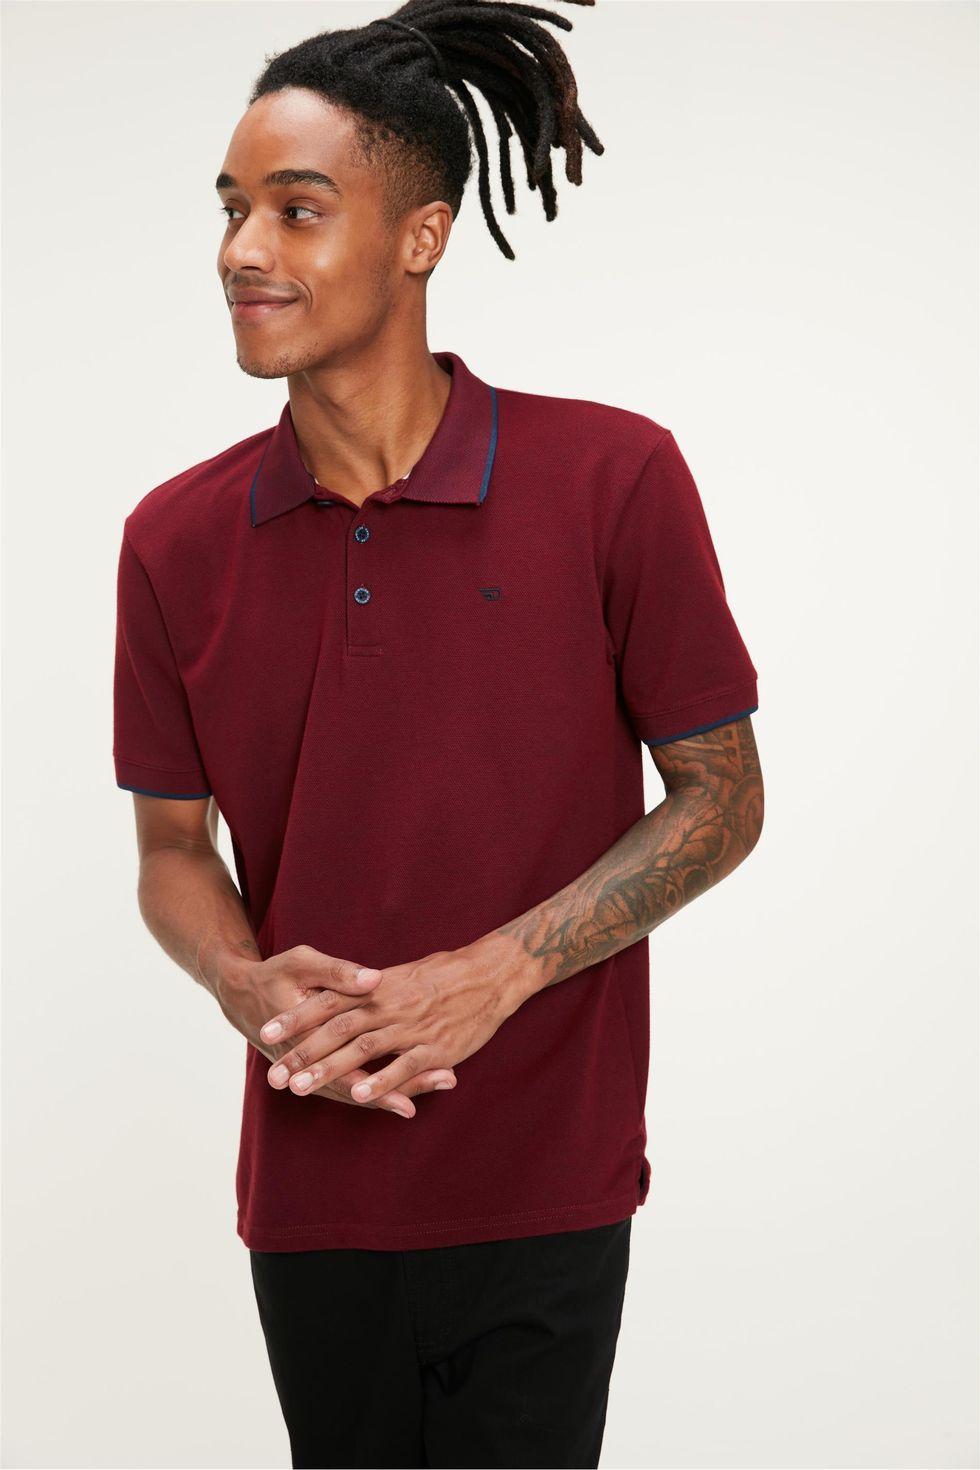 Camisa-Polo-de-Manga-Curta-Masculina-Frente--